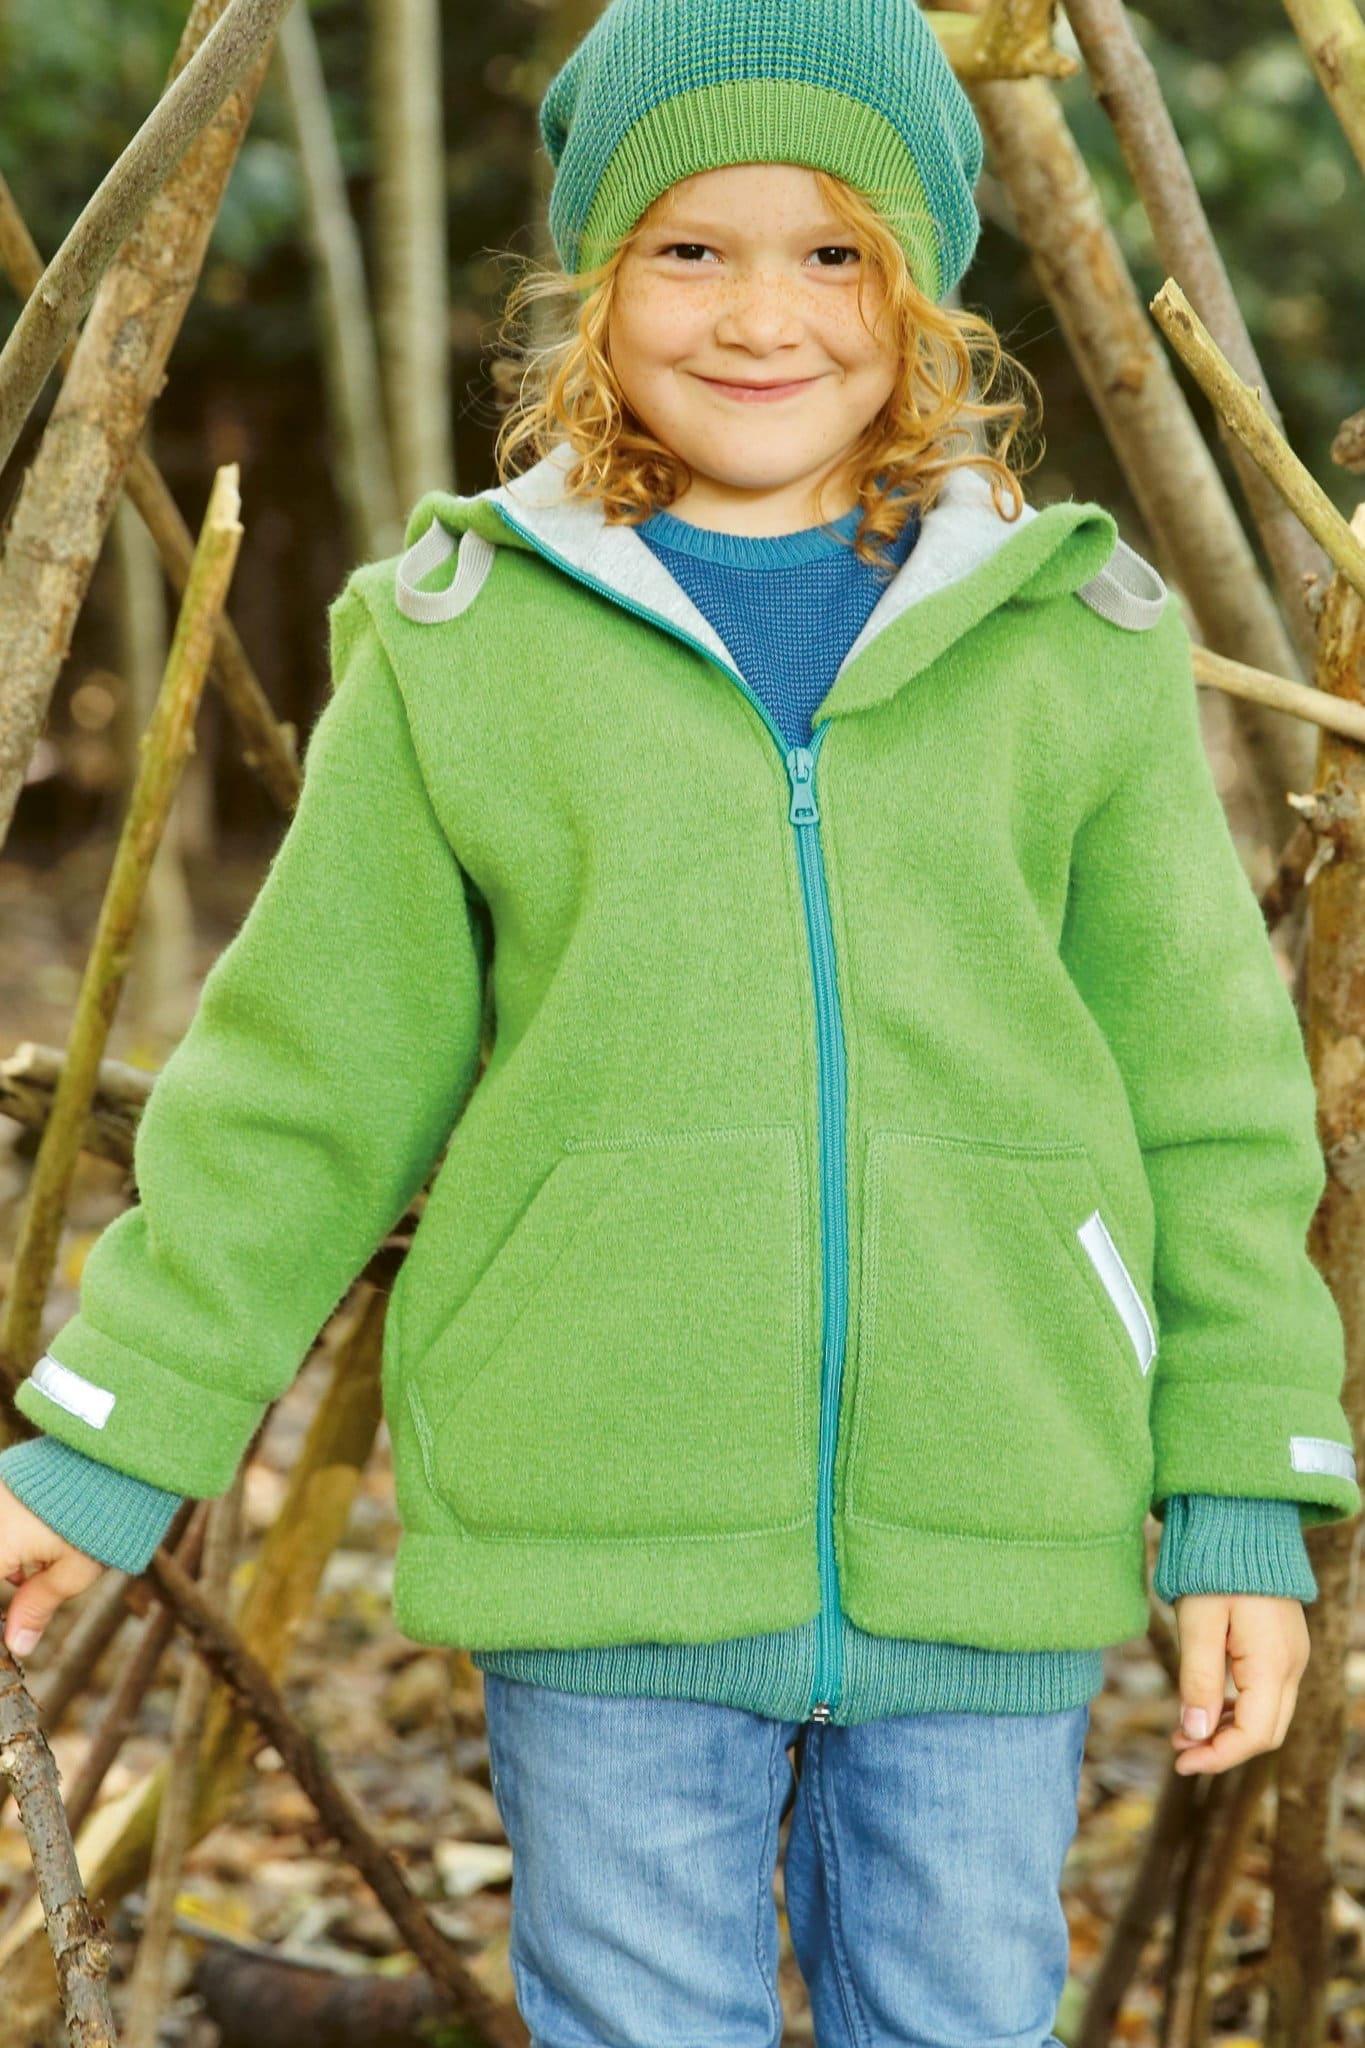 Barnkläder filtad ull jacka grön modell Disana 221bebe80e3cc